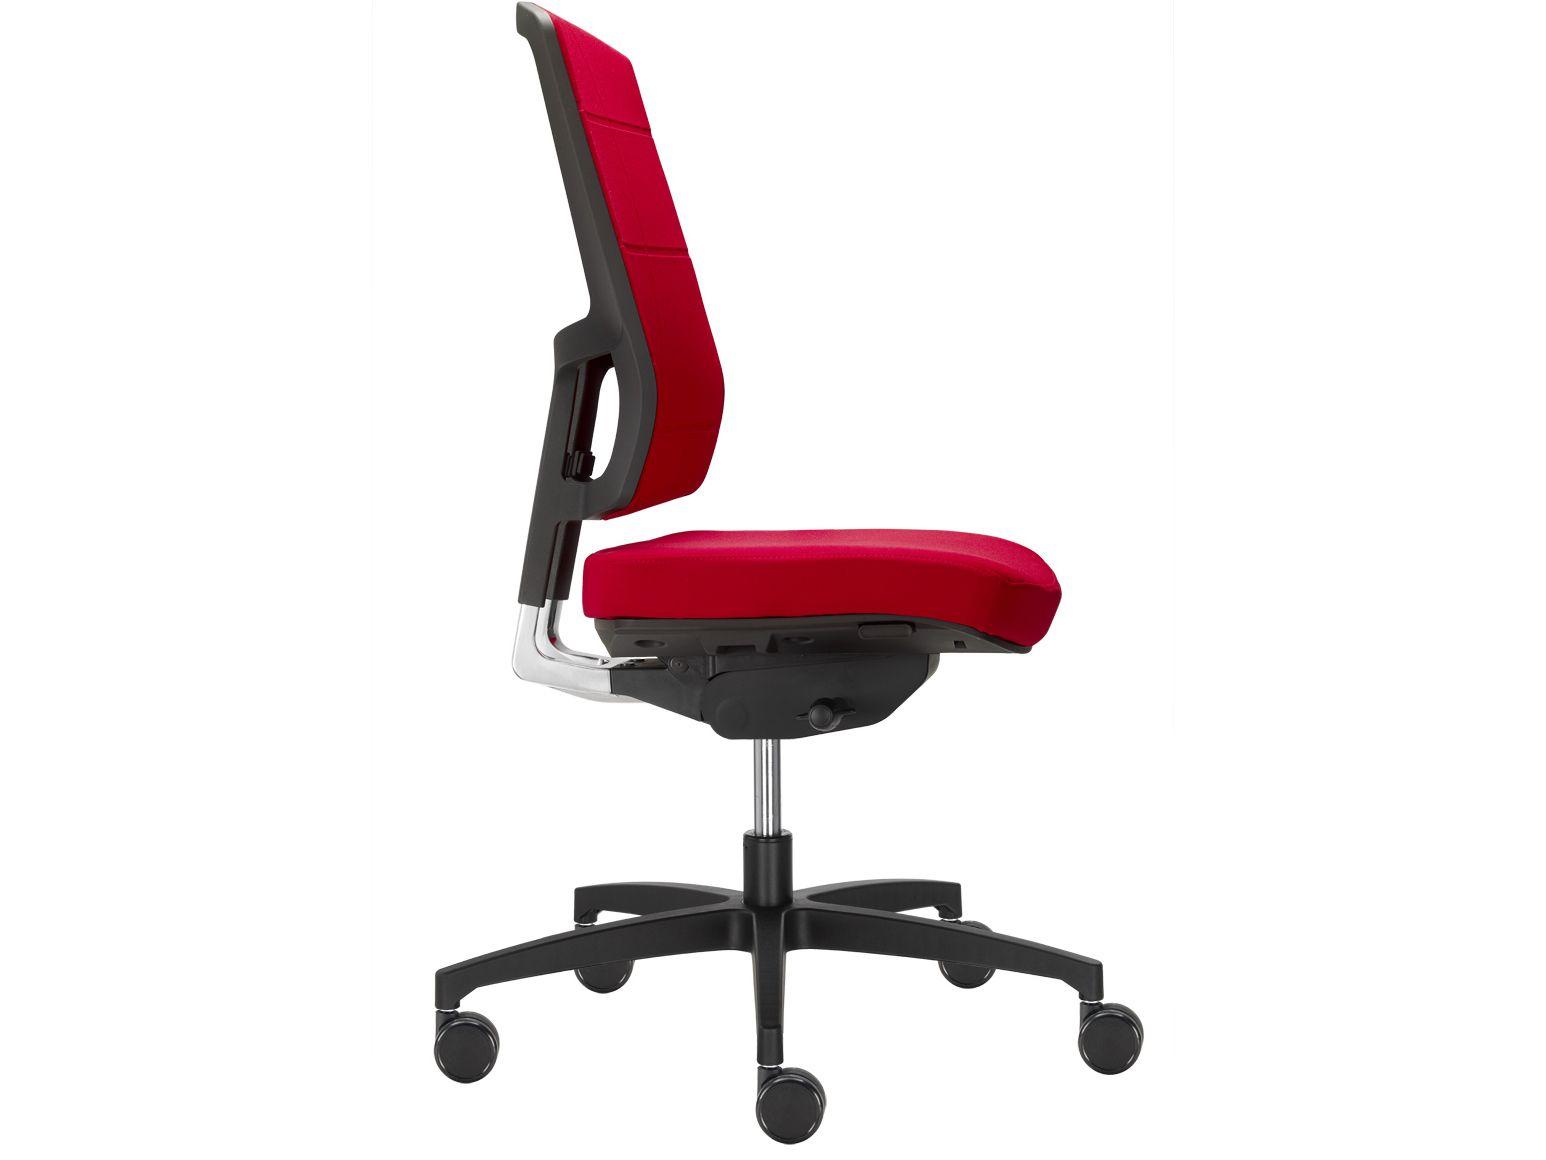 Sedia ergonomica a 5 razze con ruote 4 you sedia ufficio - Sedia ergonomica prezzi ...